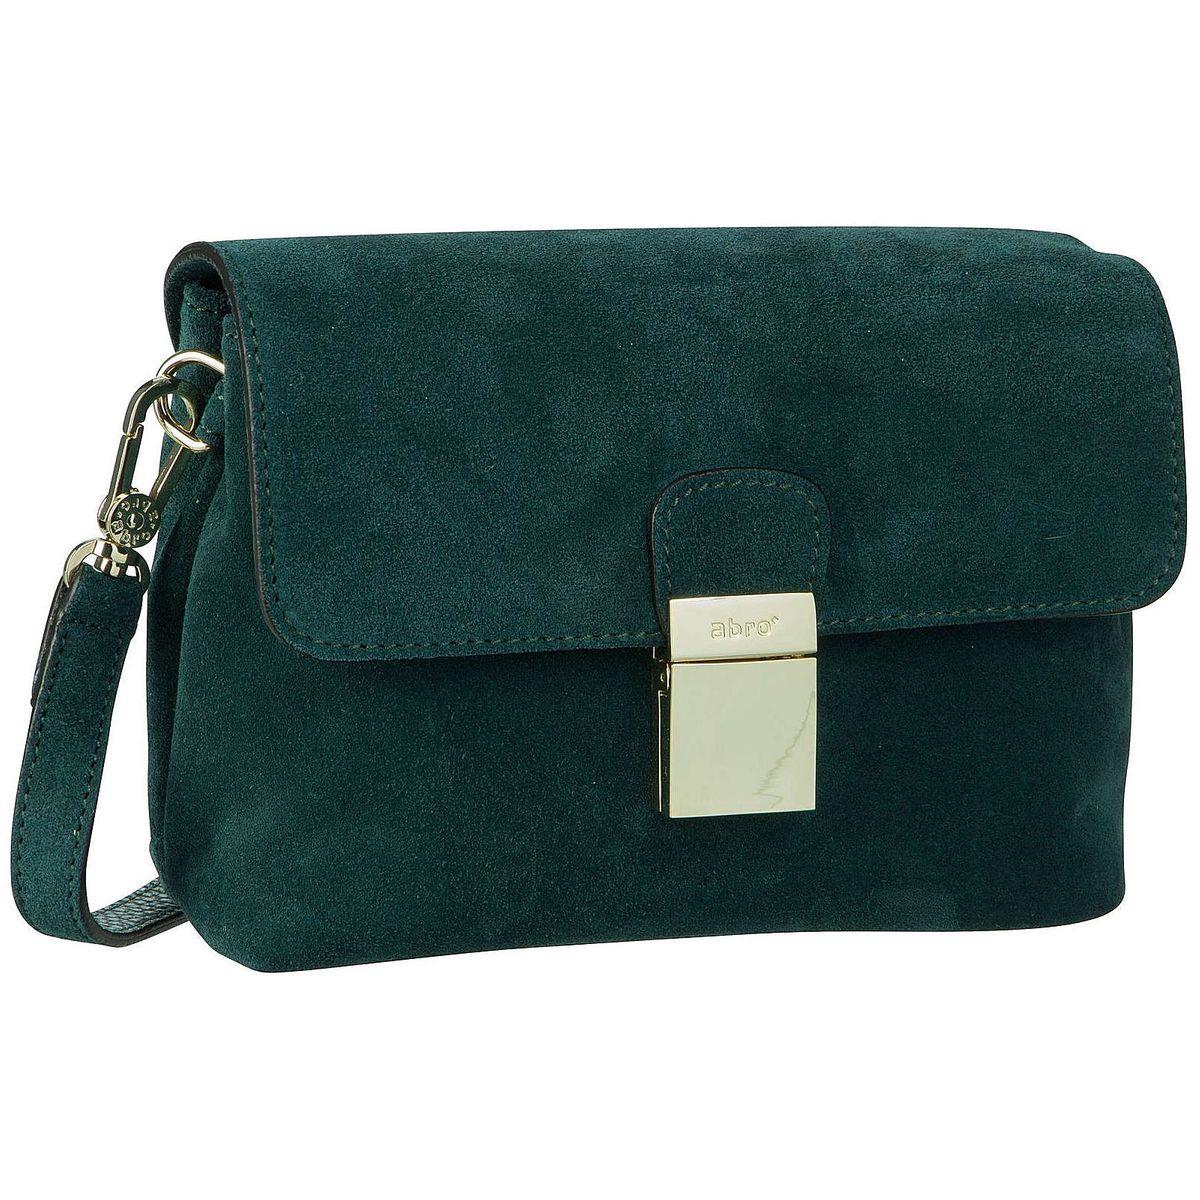 Abro Handtasche Suede 28736 Abendtaschen grün Damen